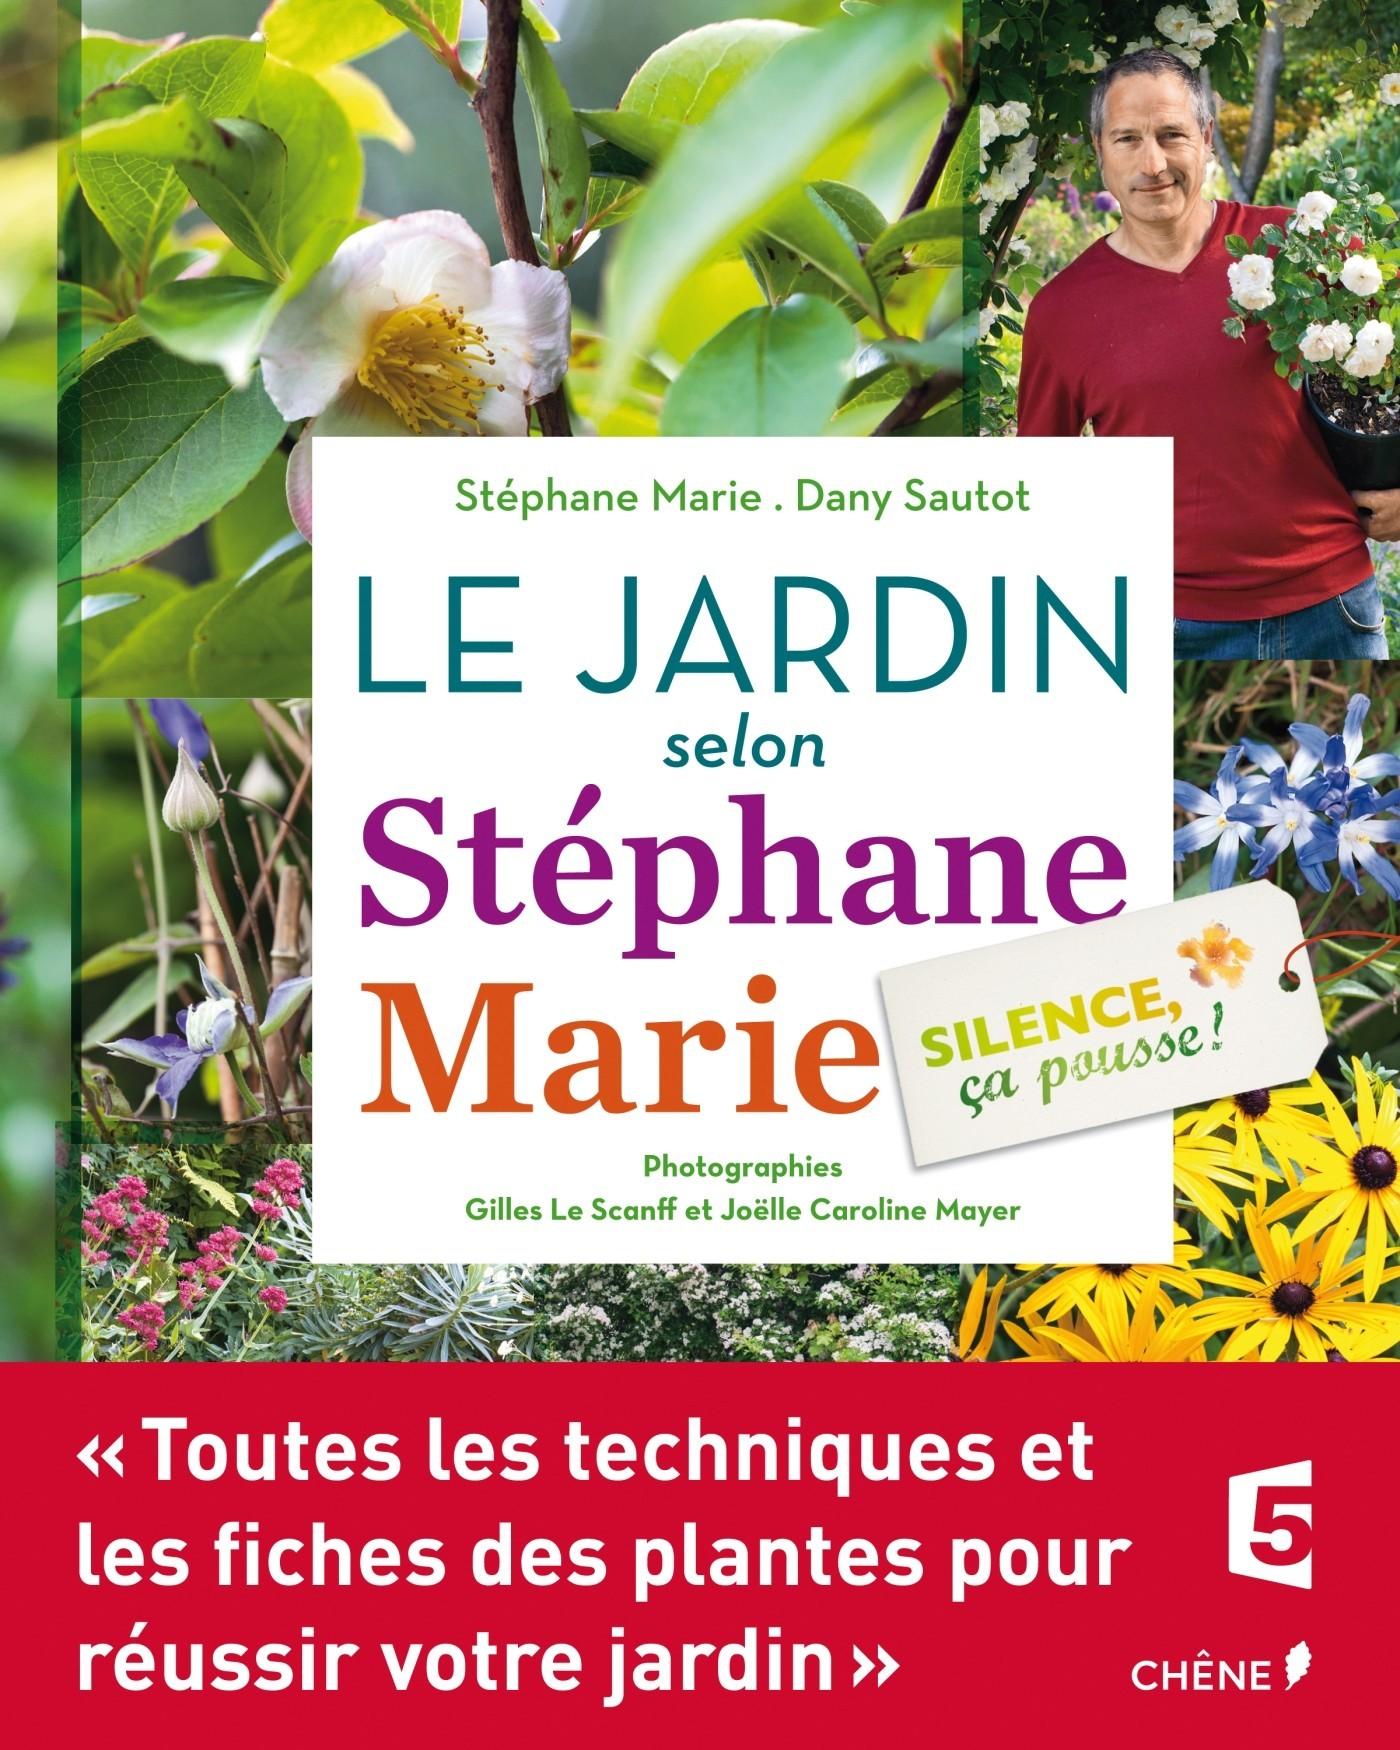 SILENCE, CA POUSSE ! LE JARDIN SELON STEPHANE MARIE